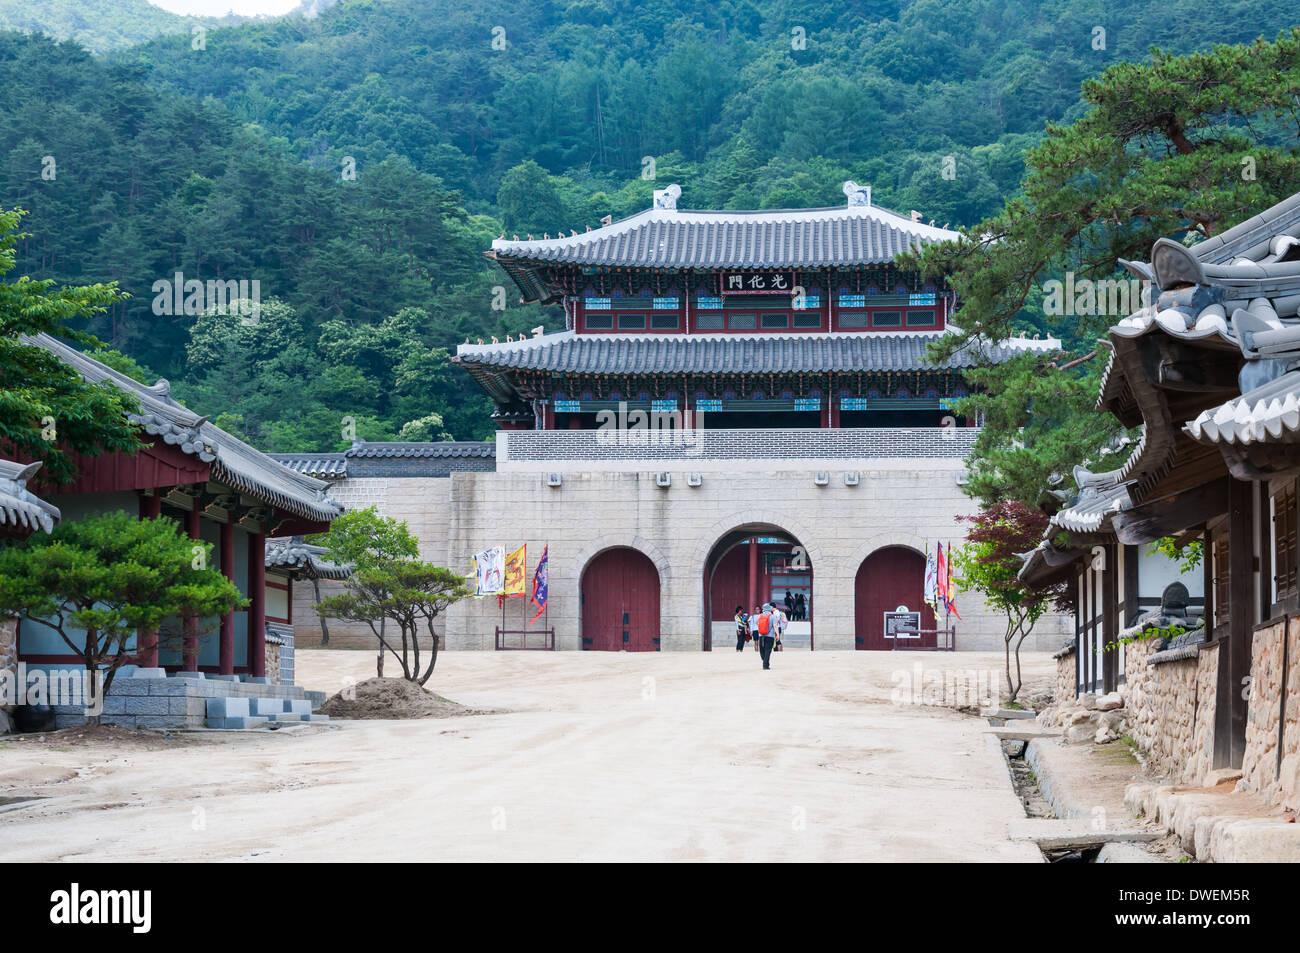 Arquitectura tradicional coreano en una villa histórica en Corea del Sur. Imagen De Stock